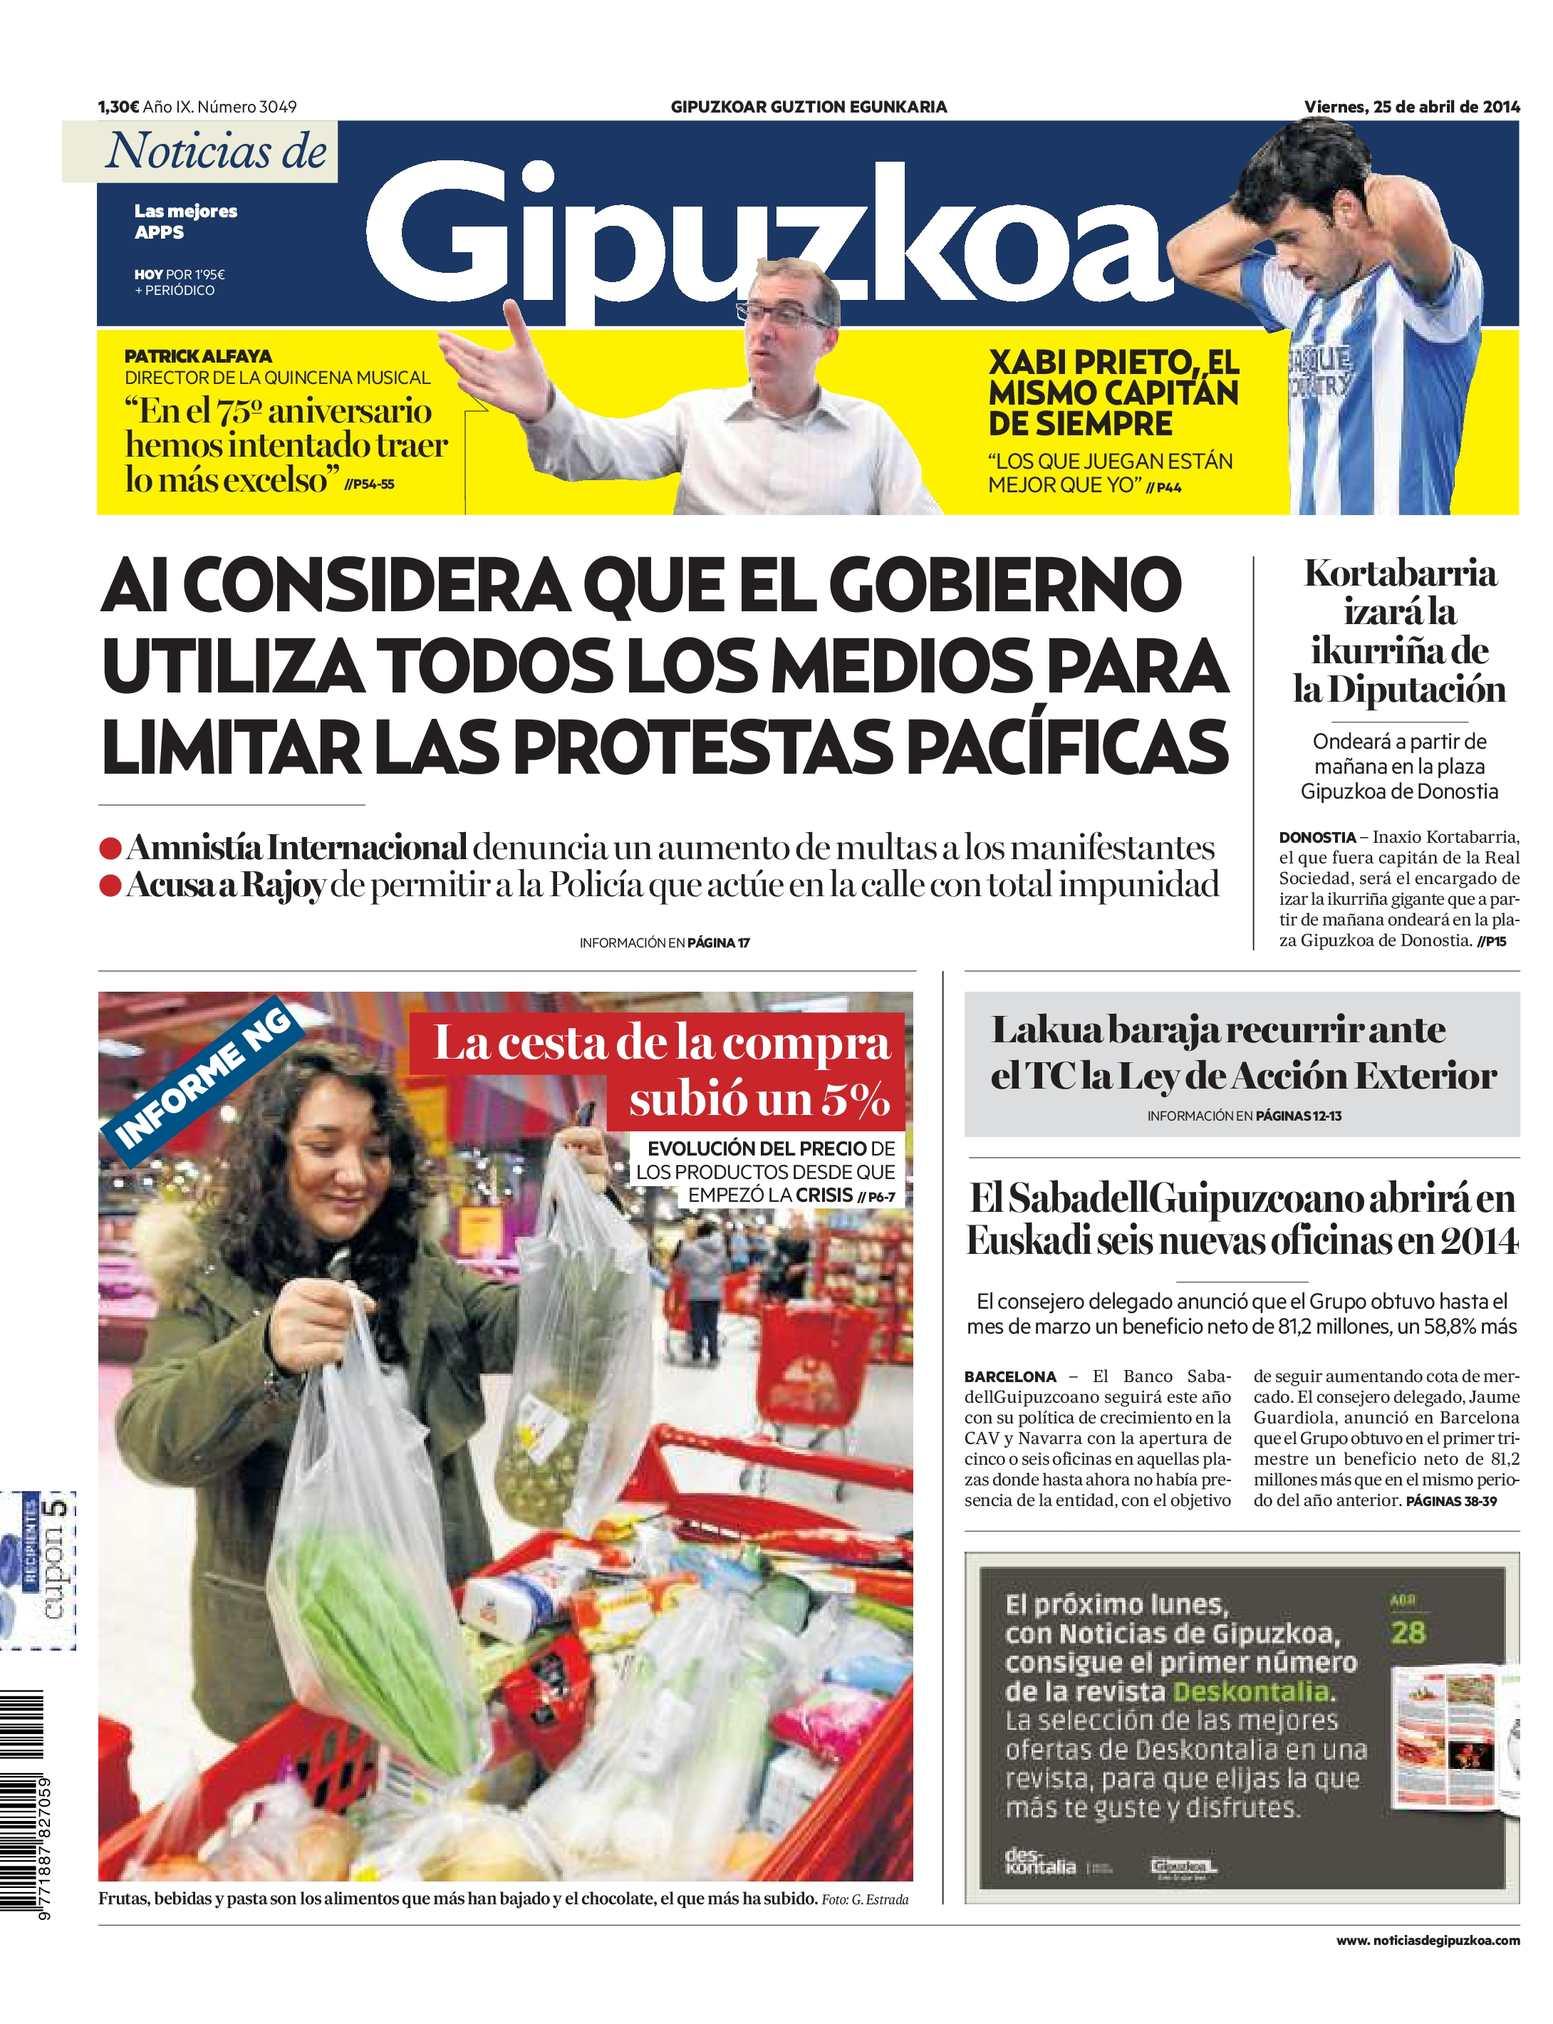 Calaméo - Noticias de Gipuzkoa 20140425